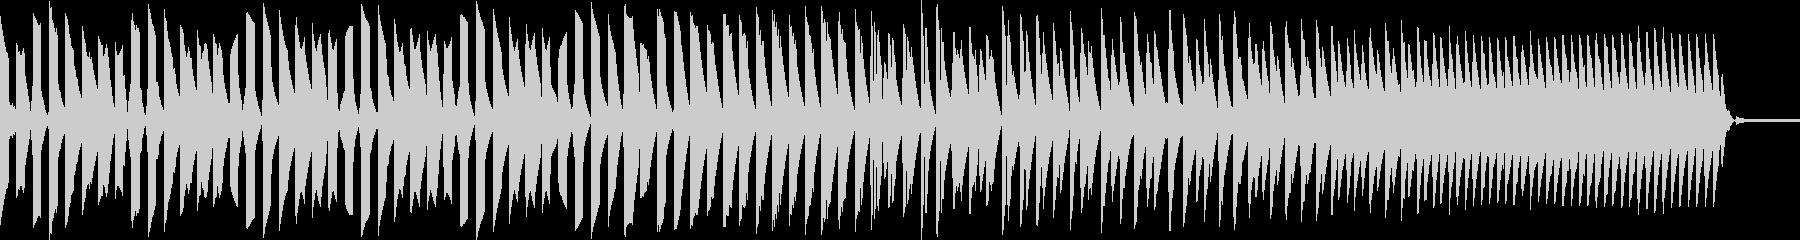 AMGアナログFX 3の未再生の波形